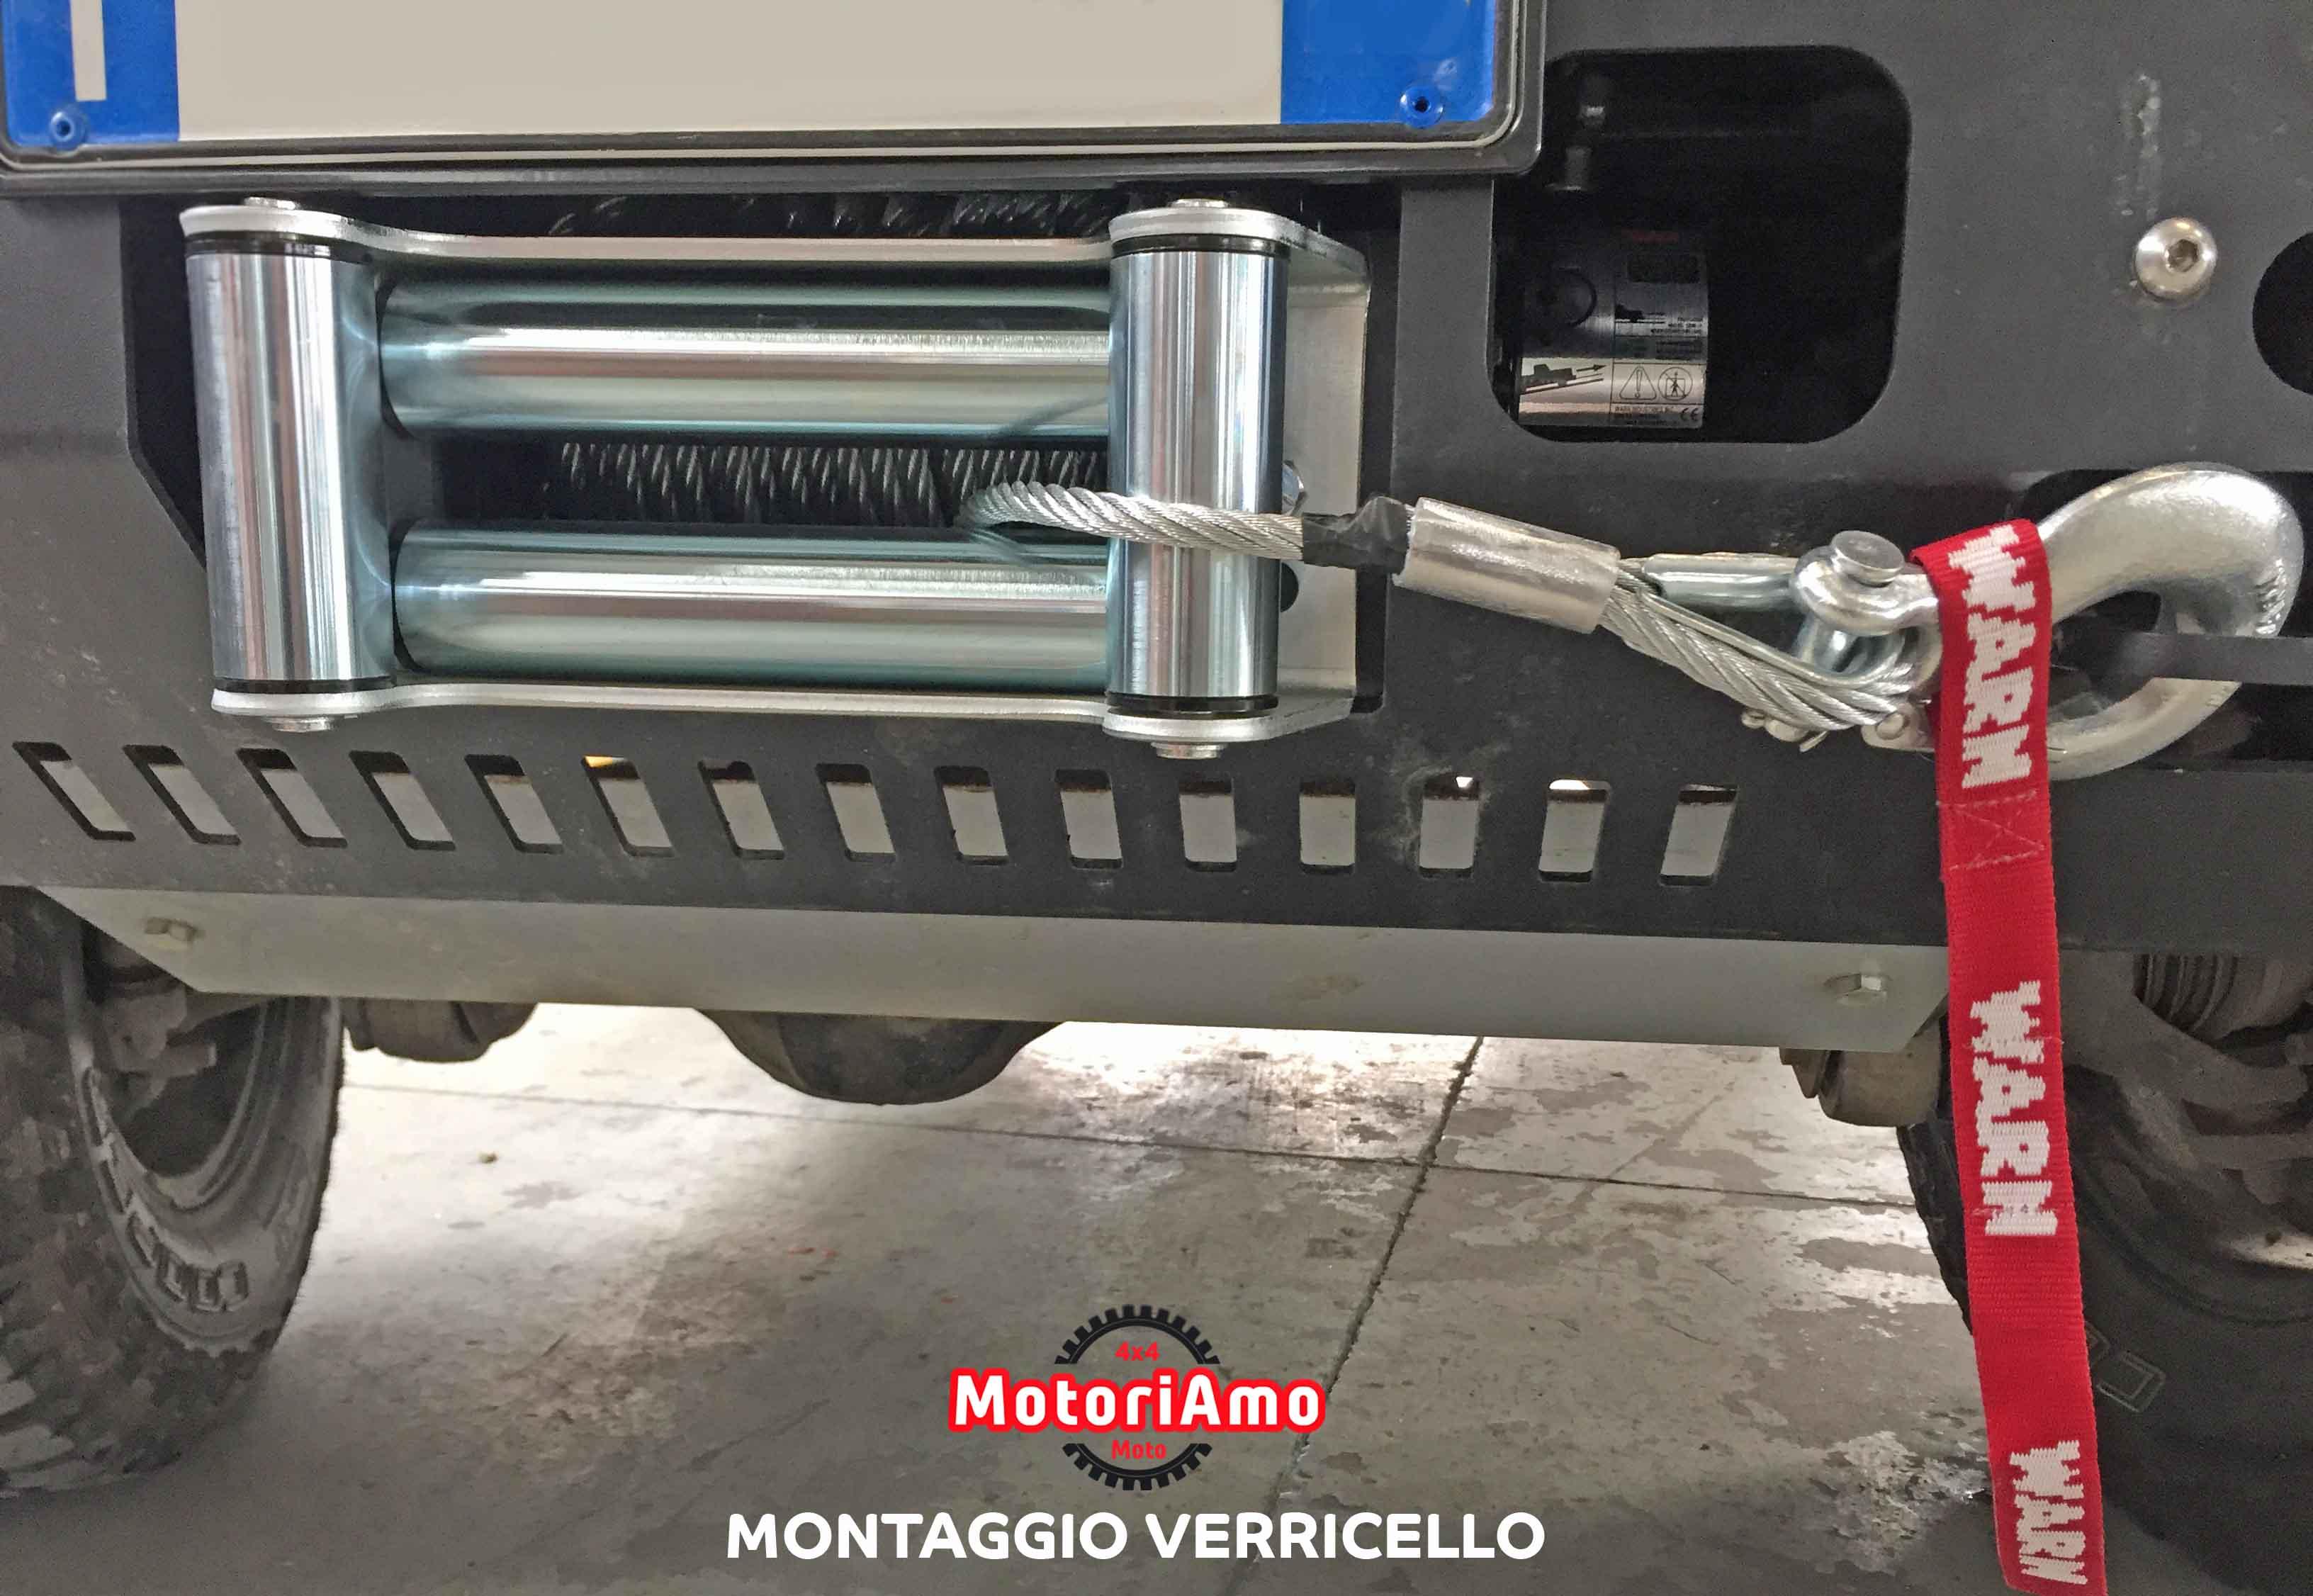 Montaggio Verricello MotoriAmo 4x4